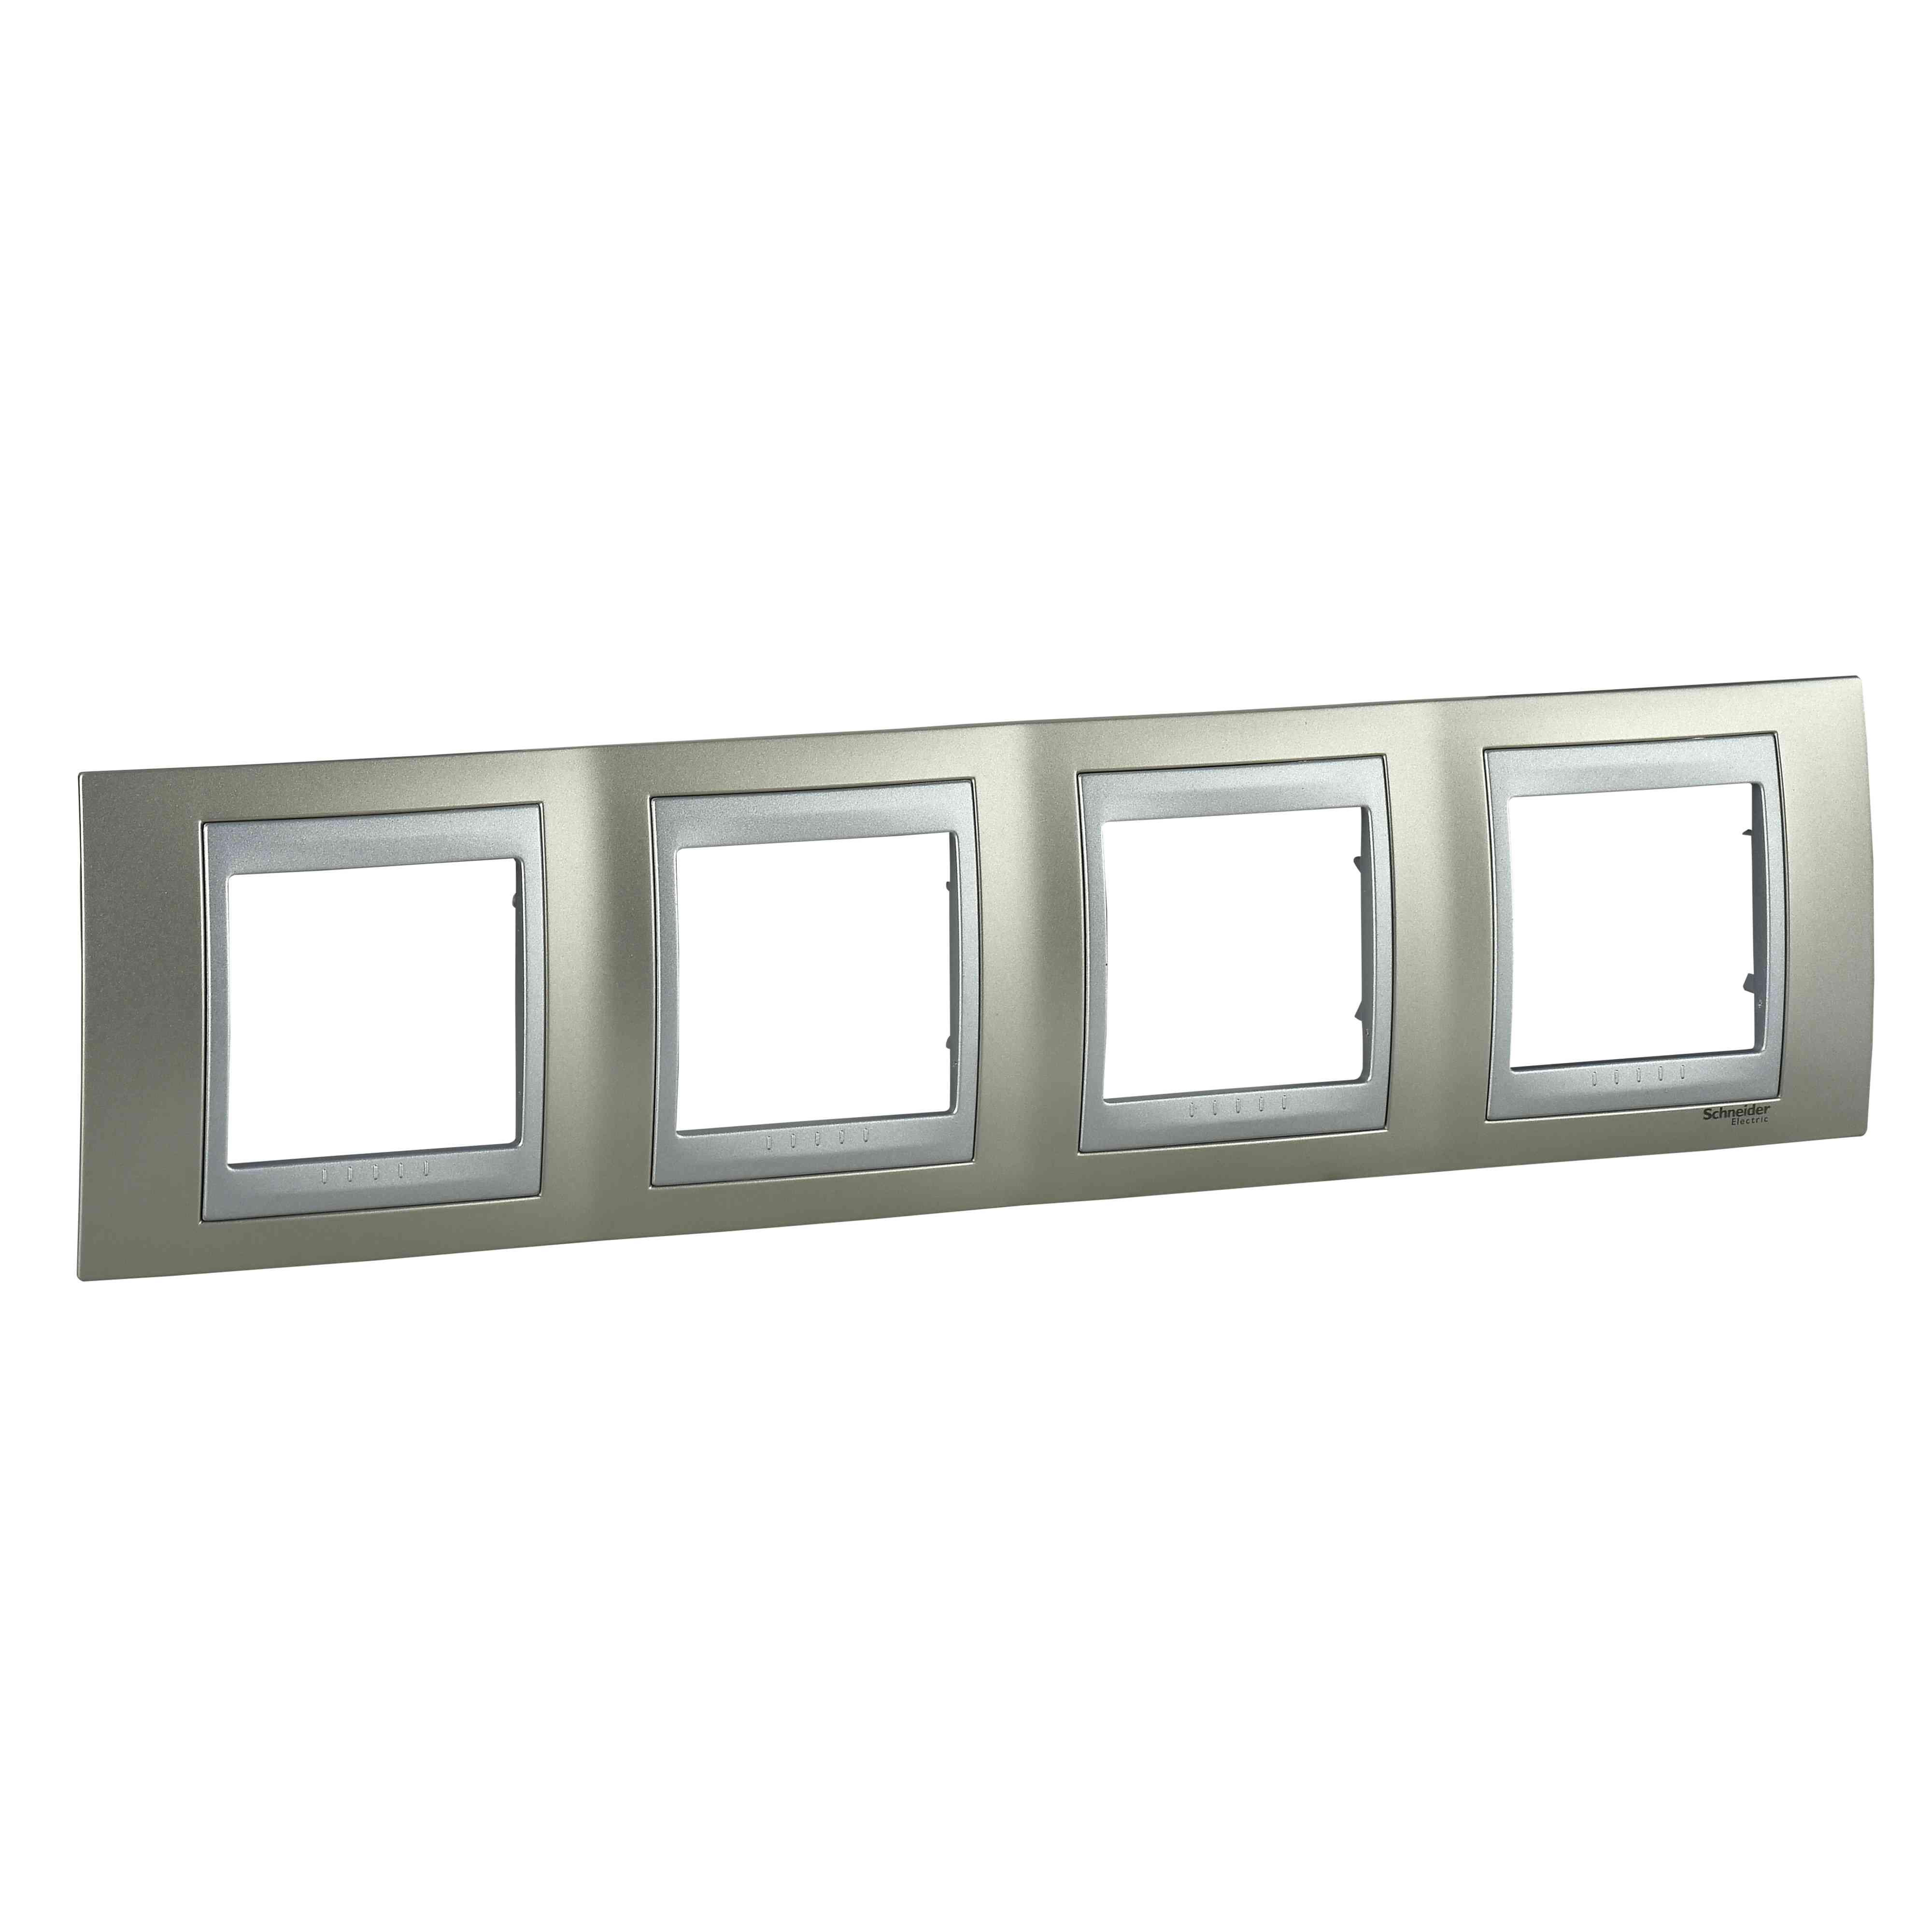 Unica Top - dekorativni okvir - 4 odprtine, H71 - b. titanija/b. aluminija